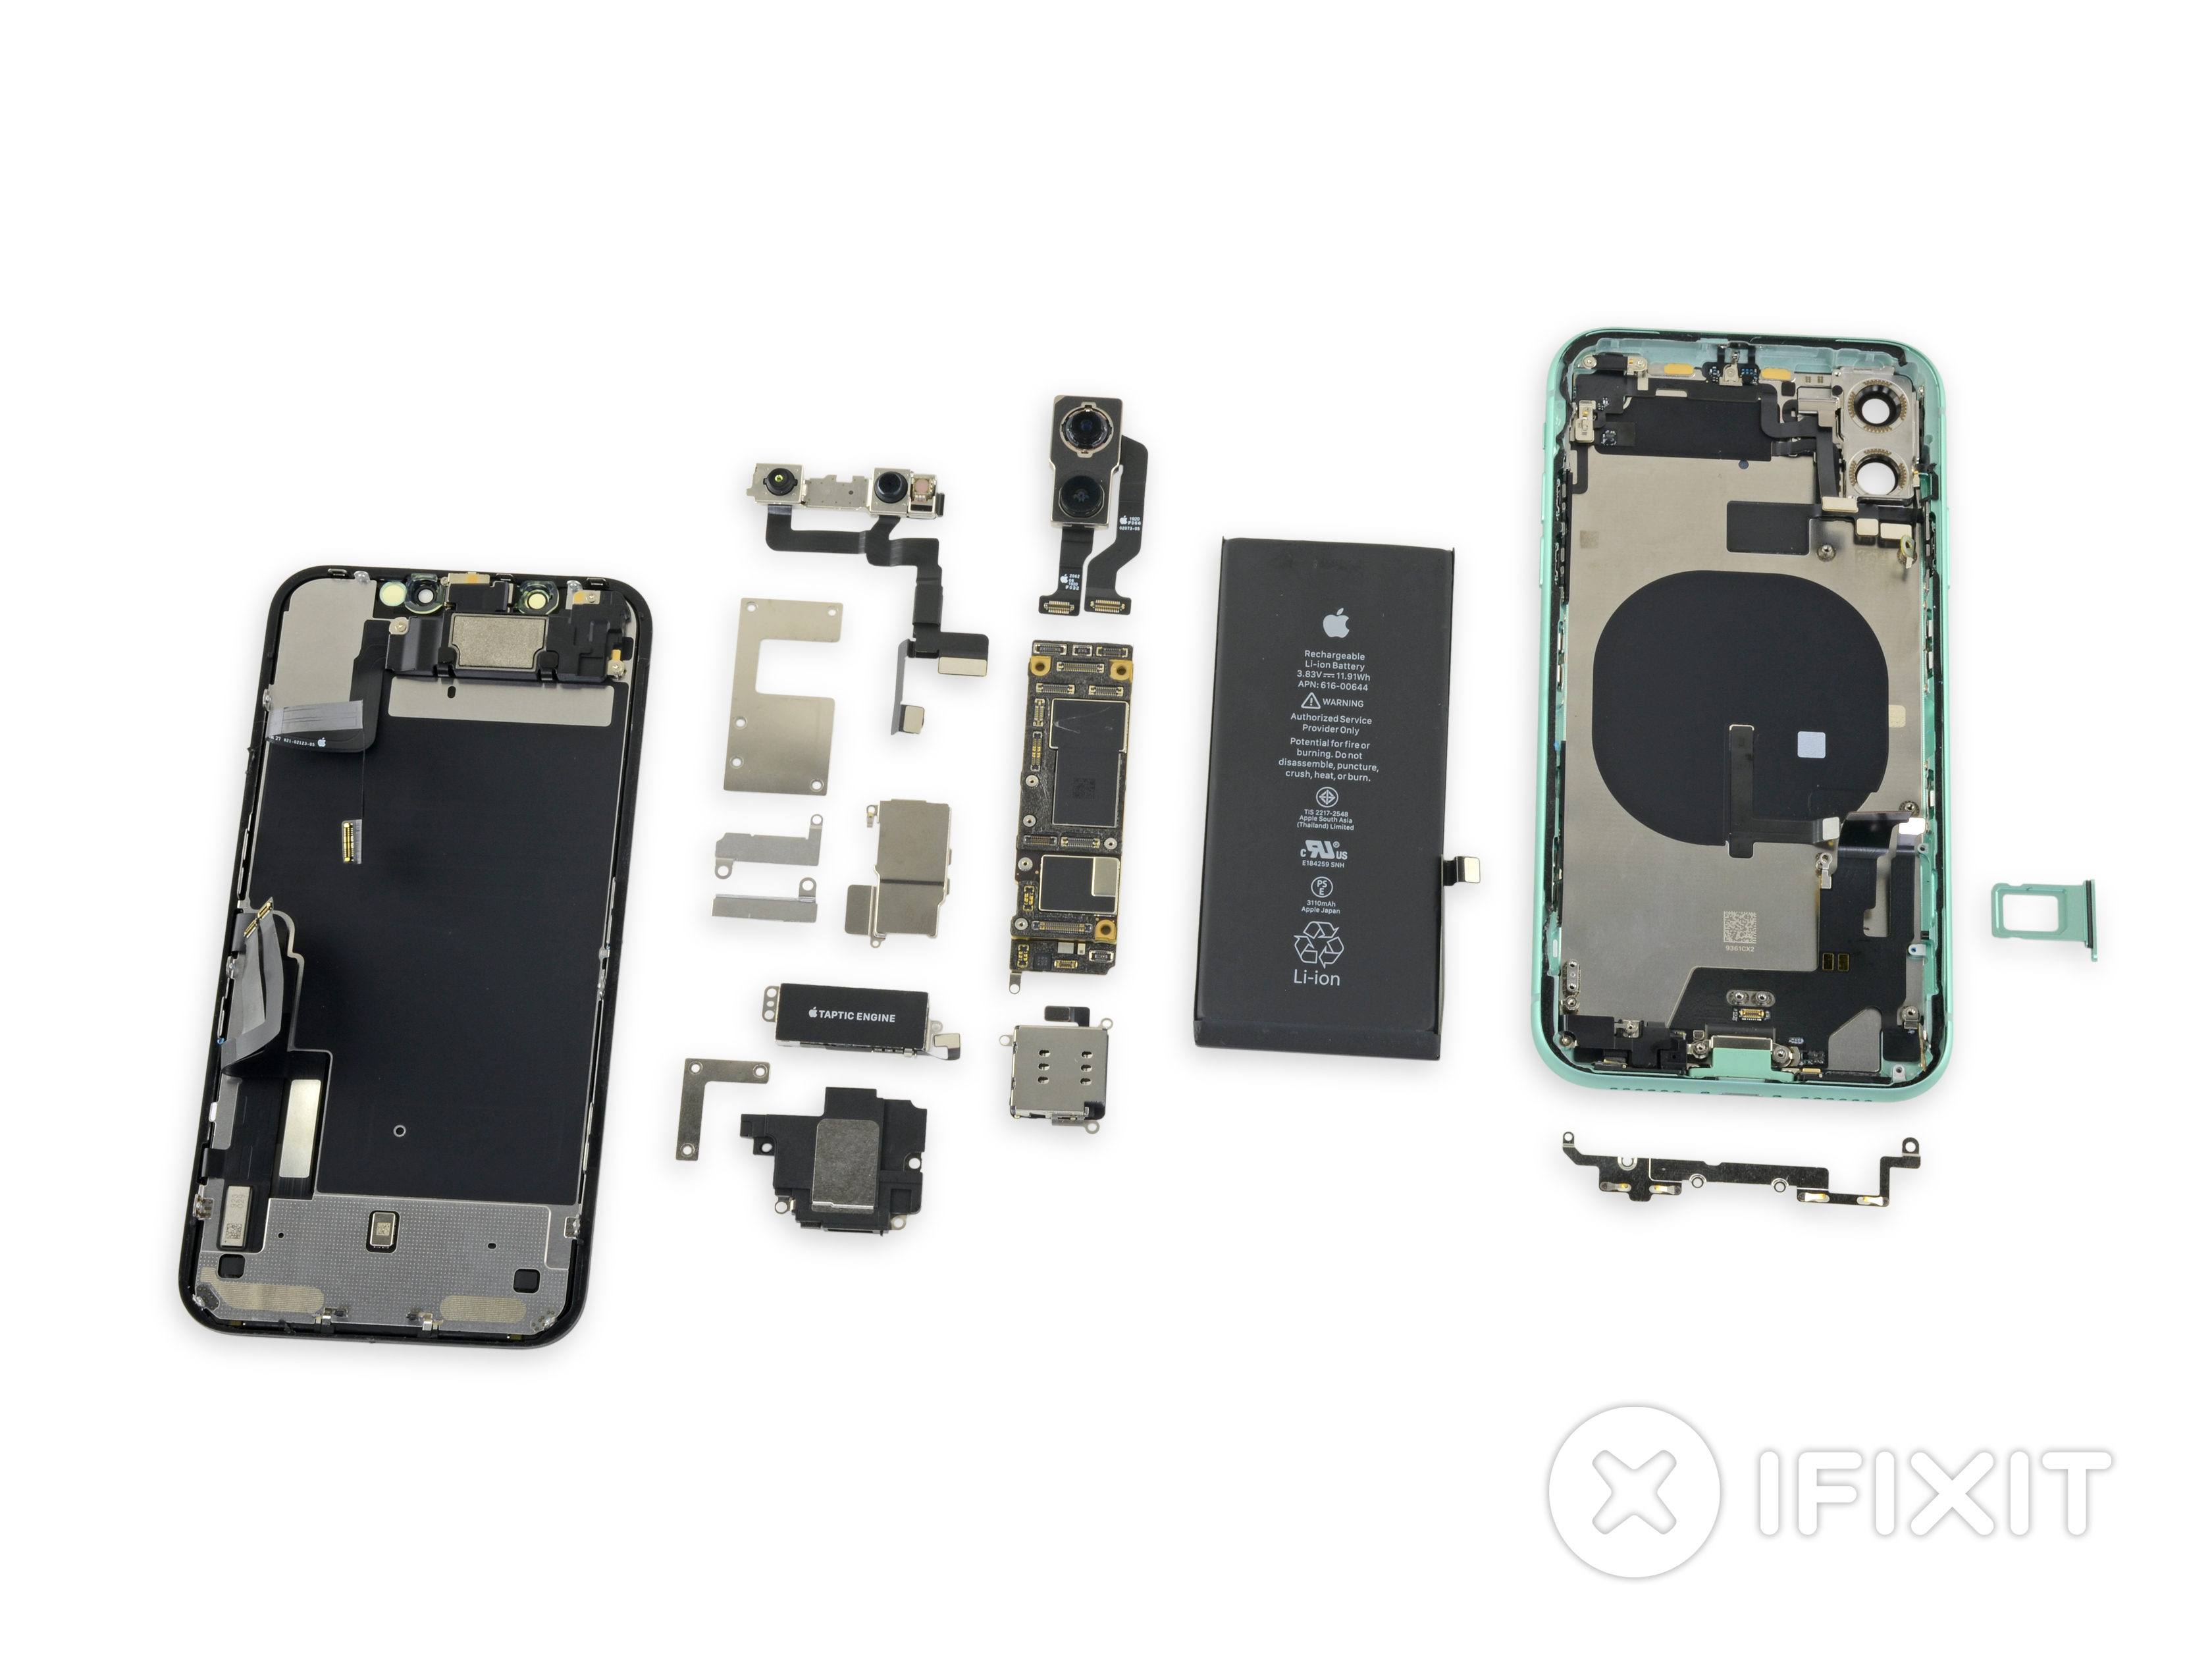 Desmonte do iPhone 11, iFixit